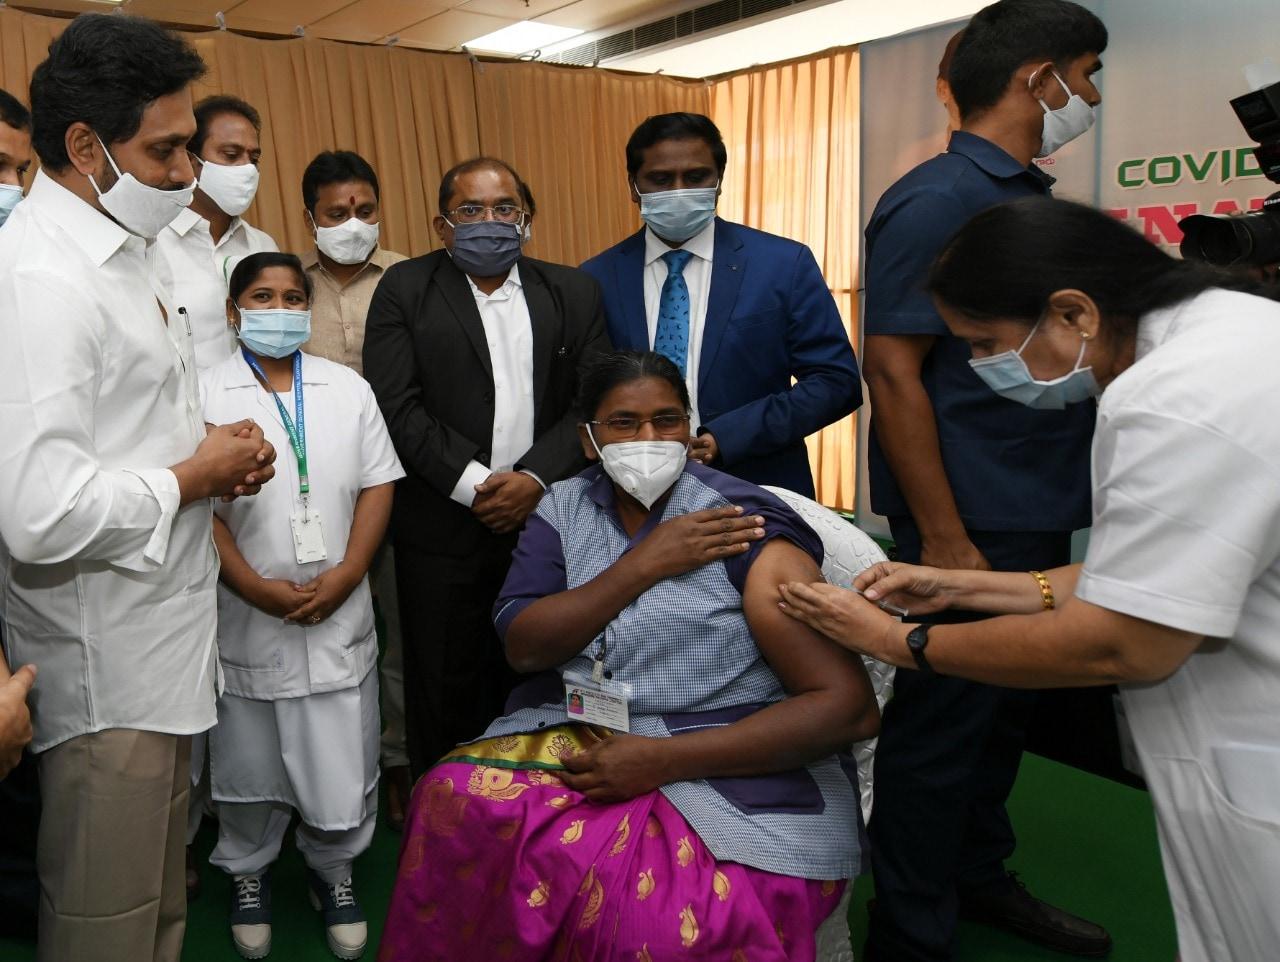 వ్యాక్సినేషన్ ప్రక్రియను పరిశీలిస్తున్న సీఎం జగన్